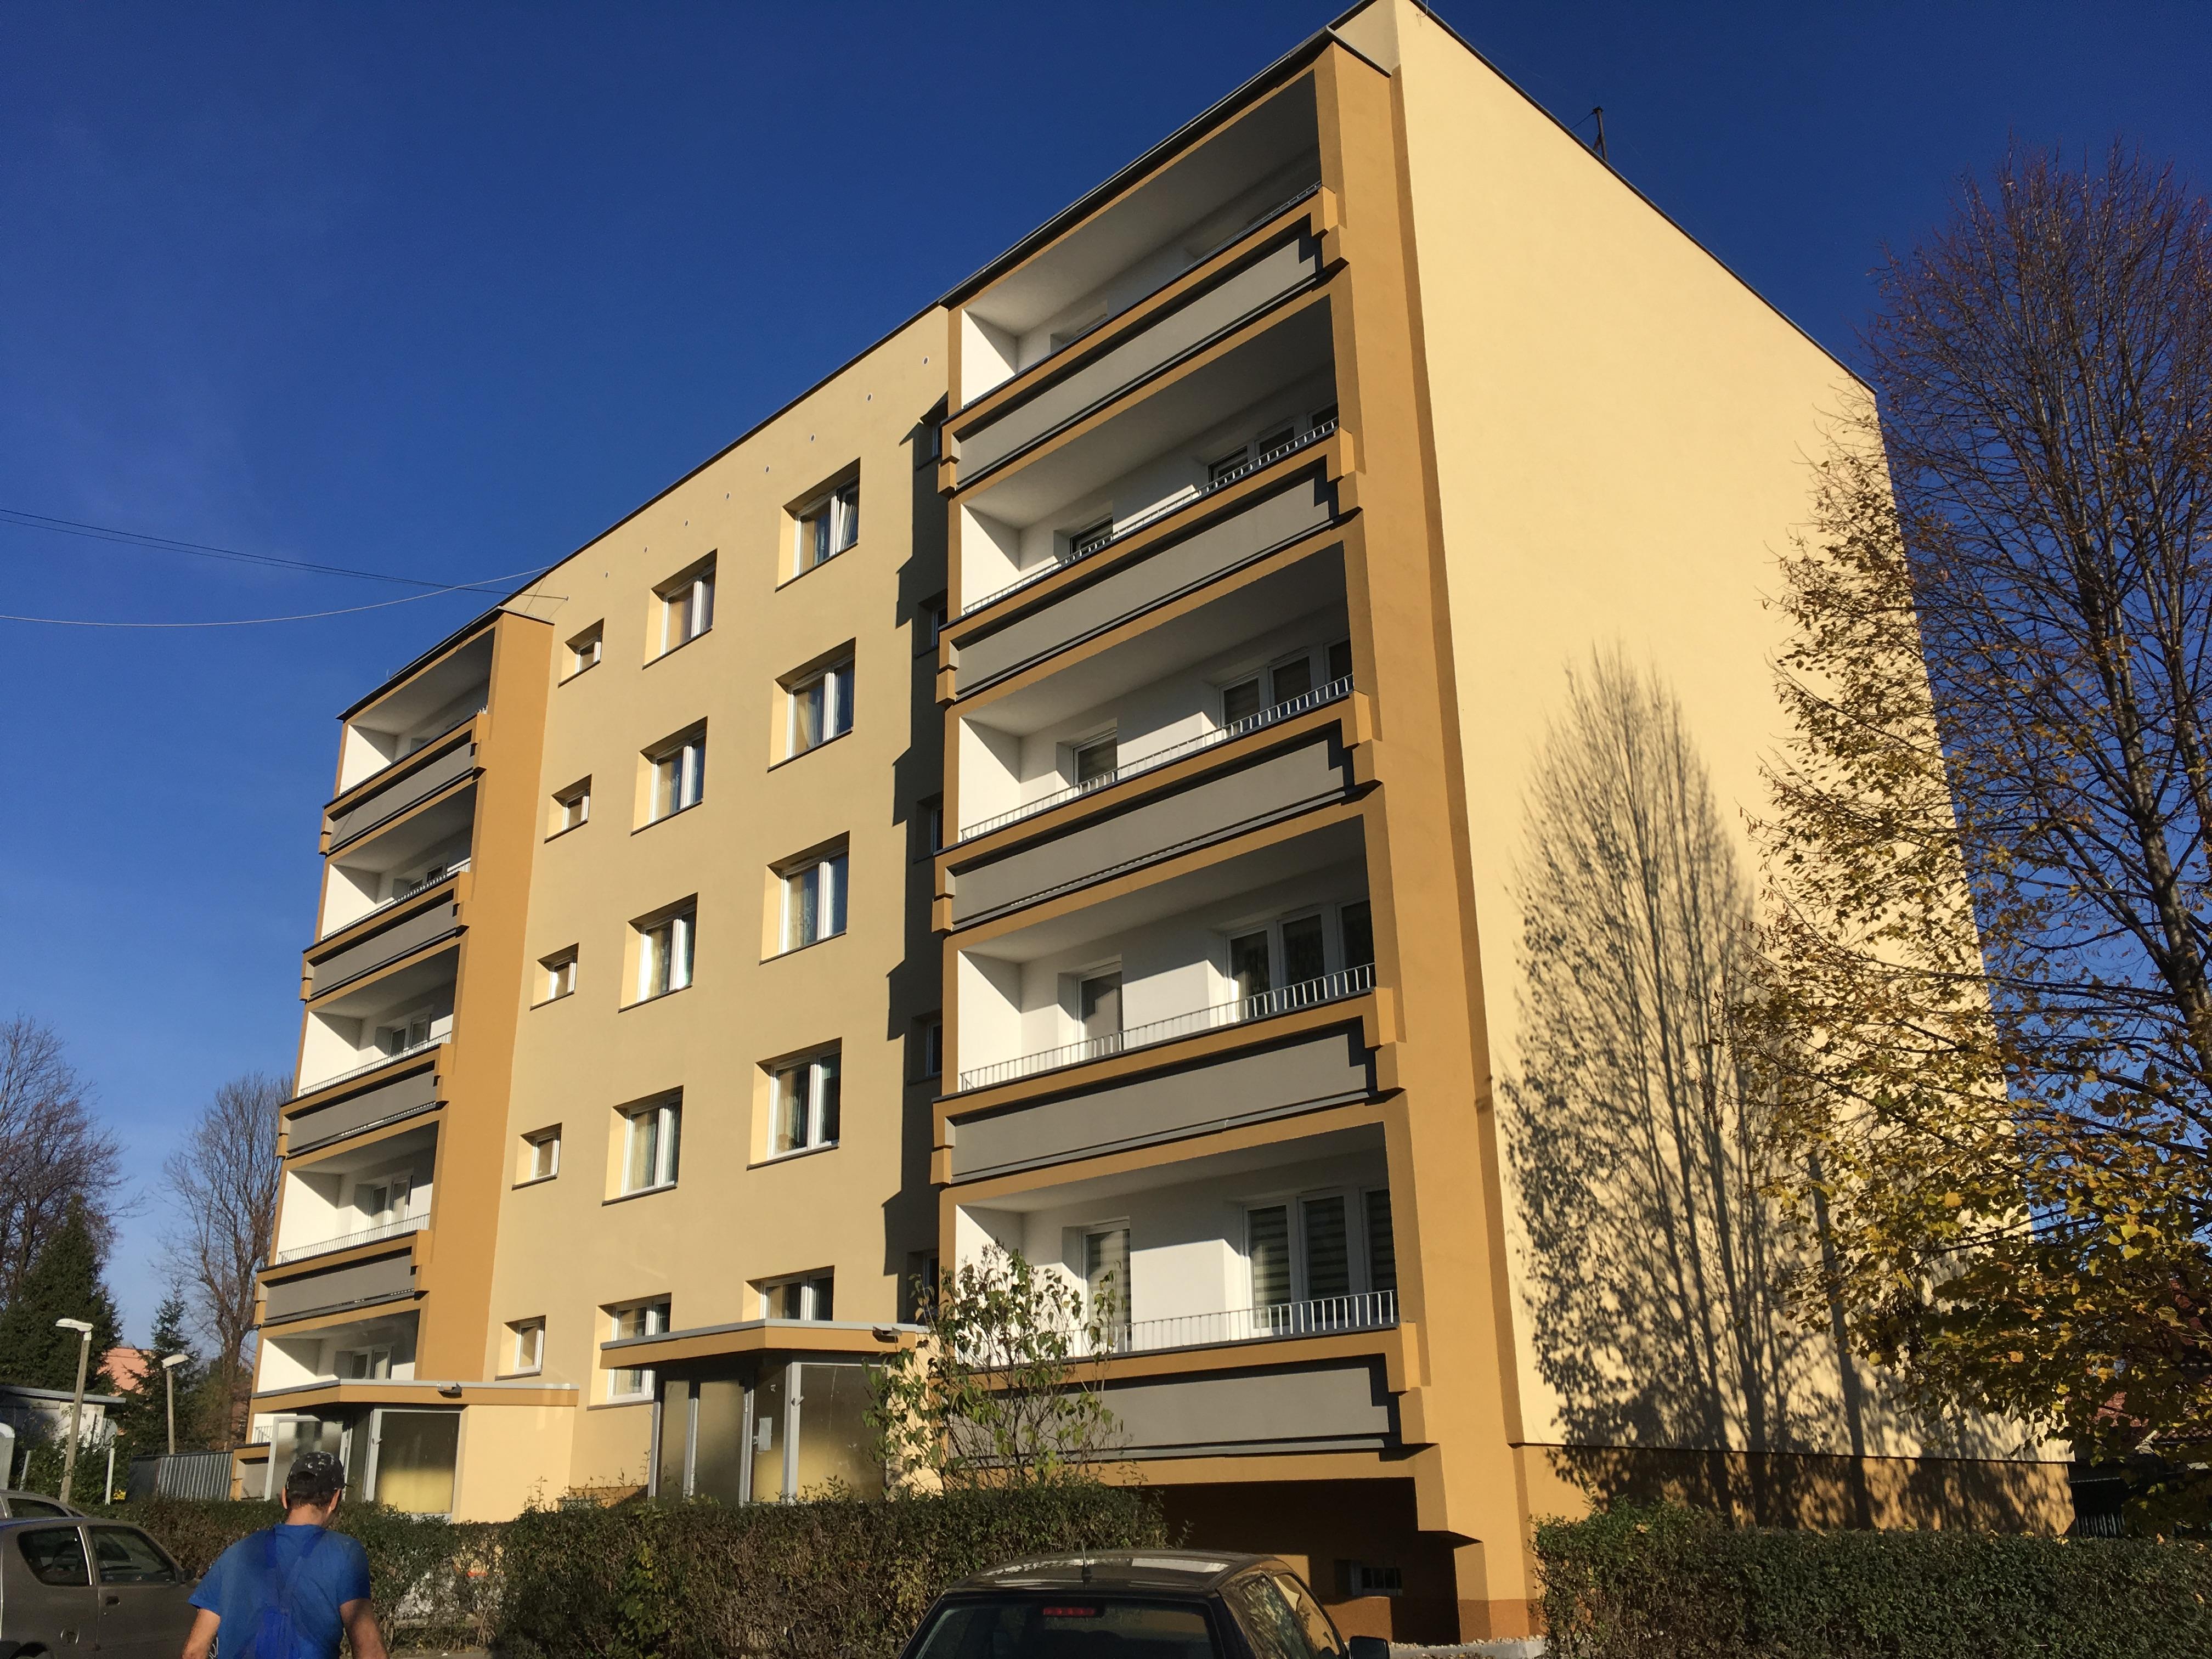 Poprawa jakości powietrza atmosferycznego w mieście Mikołów etap II termomodernizacja zasobu komunalnego na terenie Centrum Miasta – budynek przy ul. Prusa 5 a-b